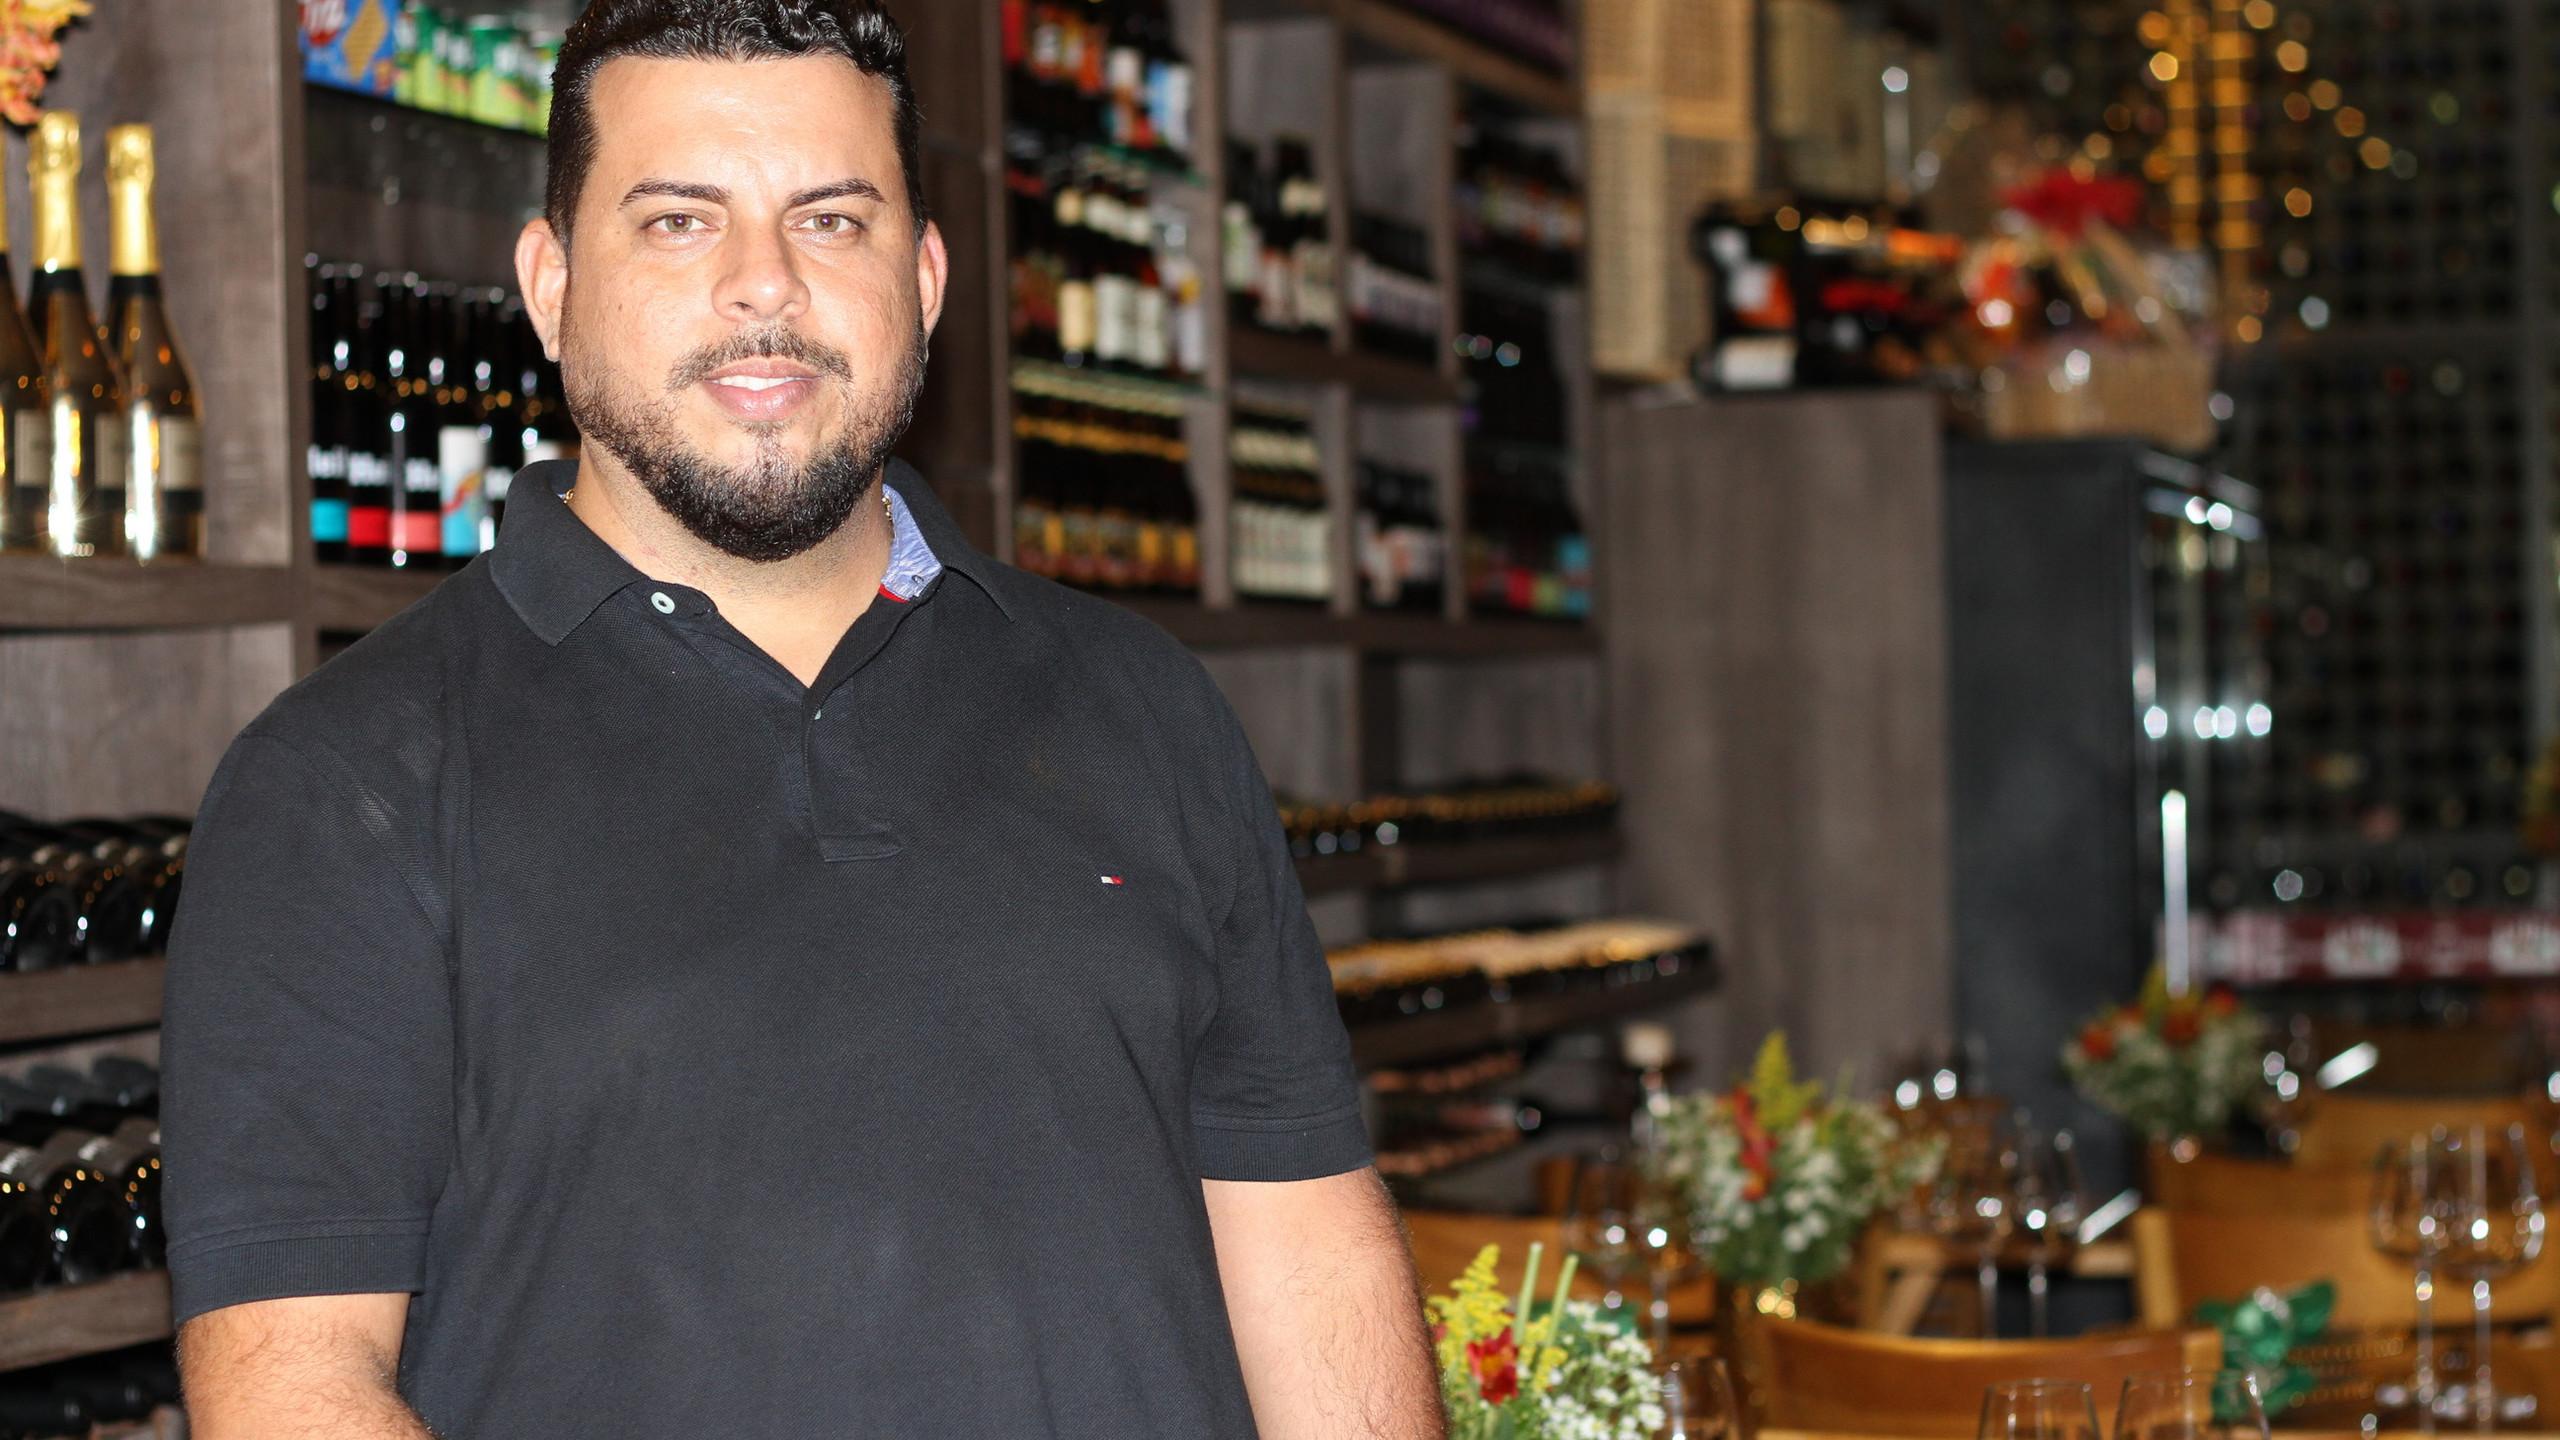 O empresário Werther Bandeiram que comanda com sucesso o Almoço Executivo da Villa do Vinho Bistrô na Av. Mário Andreazza, na Cohama.